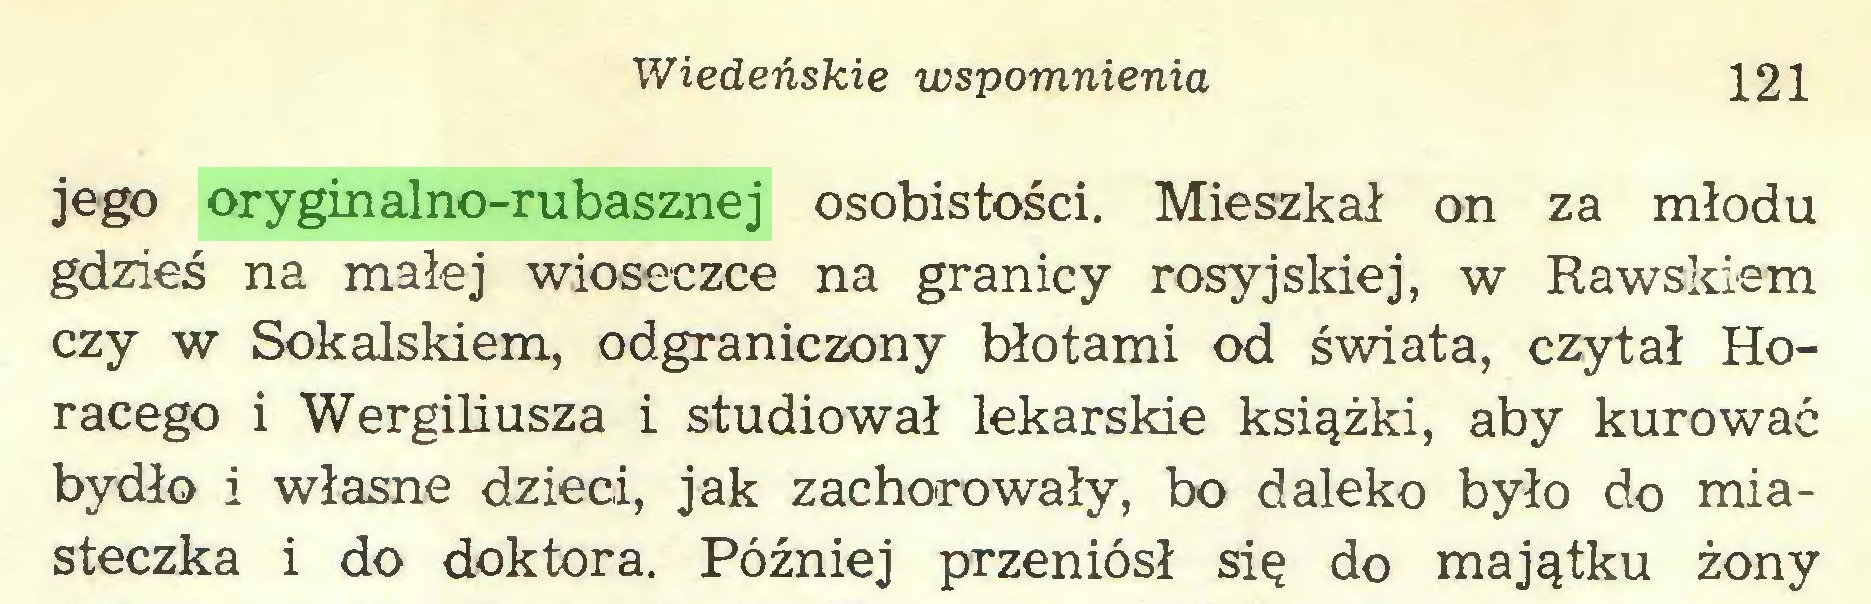 (...) Wiedeńskie wspomnienia 121 jego oryginalno-rubasznej osobistości. Mieszkał on za młodu gdzieś na małej wioseczce na granicy rosyjskiej, w Rawskiem czy w Sokalskiem, odgraniczony błotami od świata, czytał Horacego i Wergiliusza i studiował lekarskie książki, aby kurować bydło i własne dzieci, jak zachorowały, bo daleko było do miasteczka i do doktora. Później przeniósł się do majątku żony...